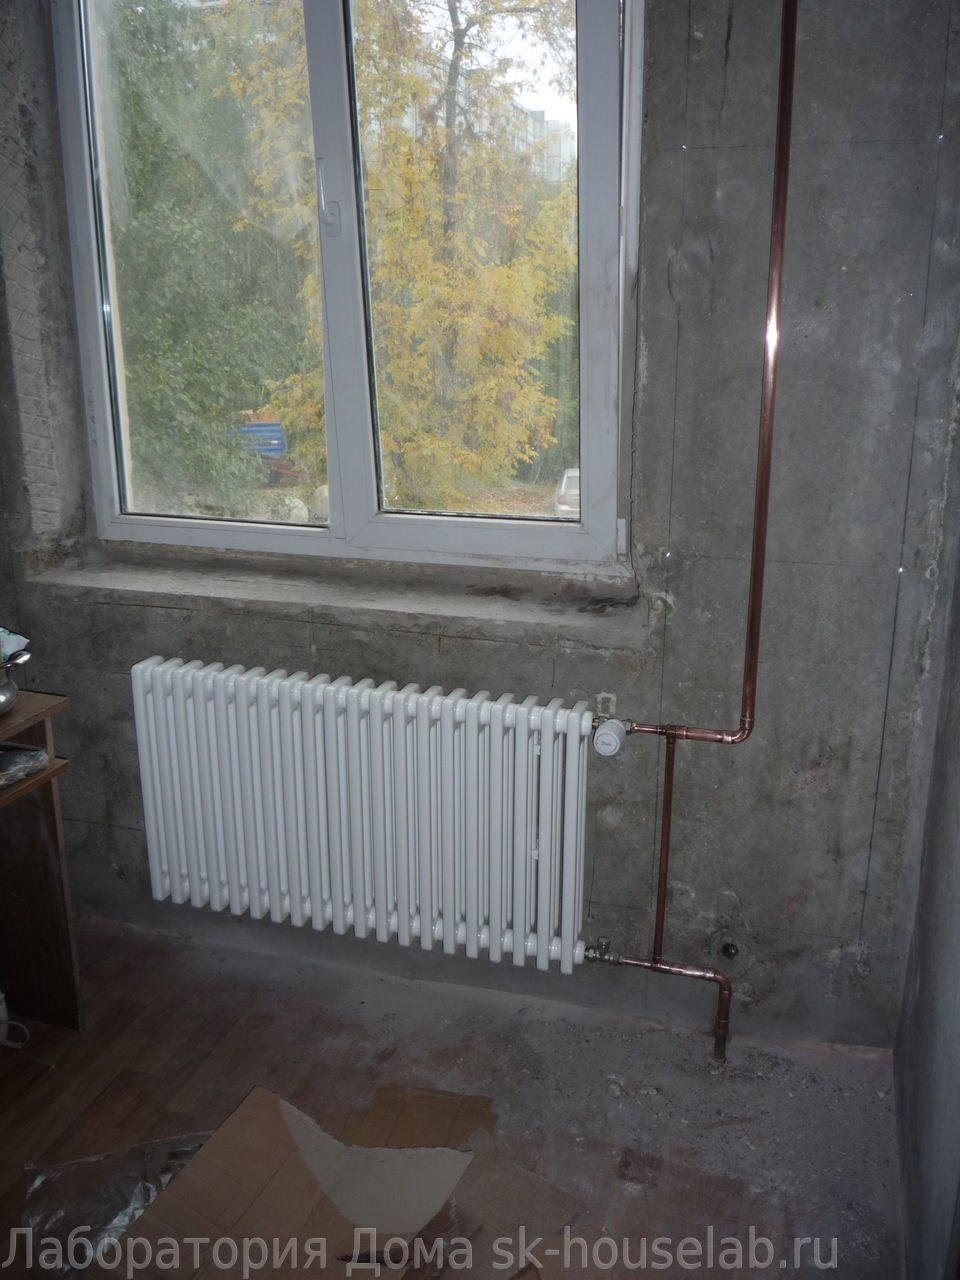 radiateur eau chaude acier castorama devis travaux gratuit bordeaux argenteuil nimes. Black Bedroom Furniture Sets. Home Design Ideas